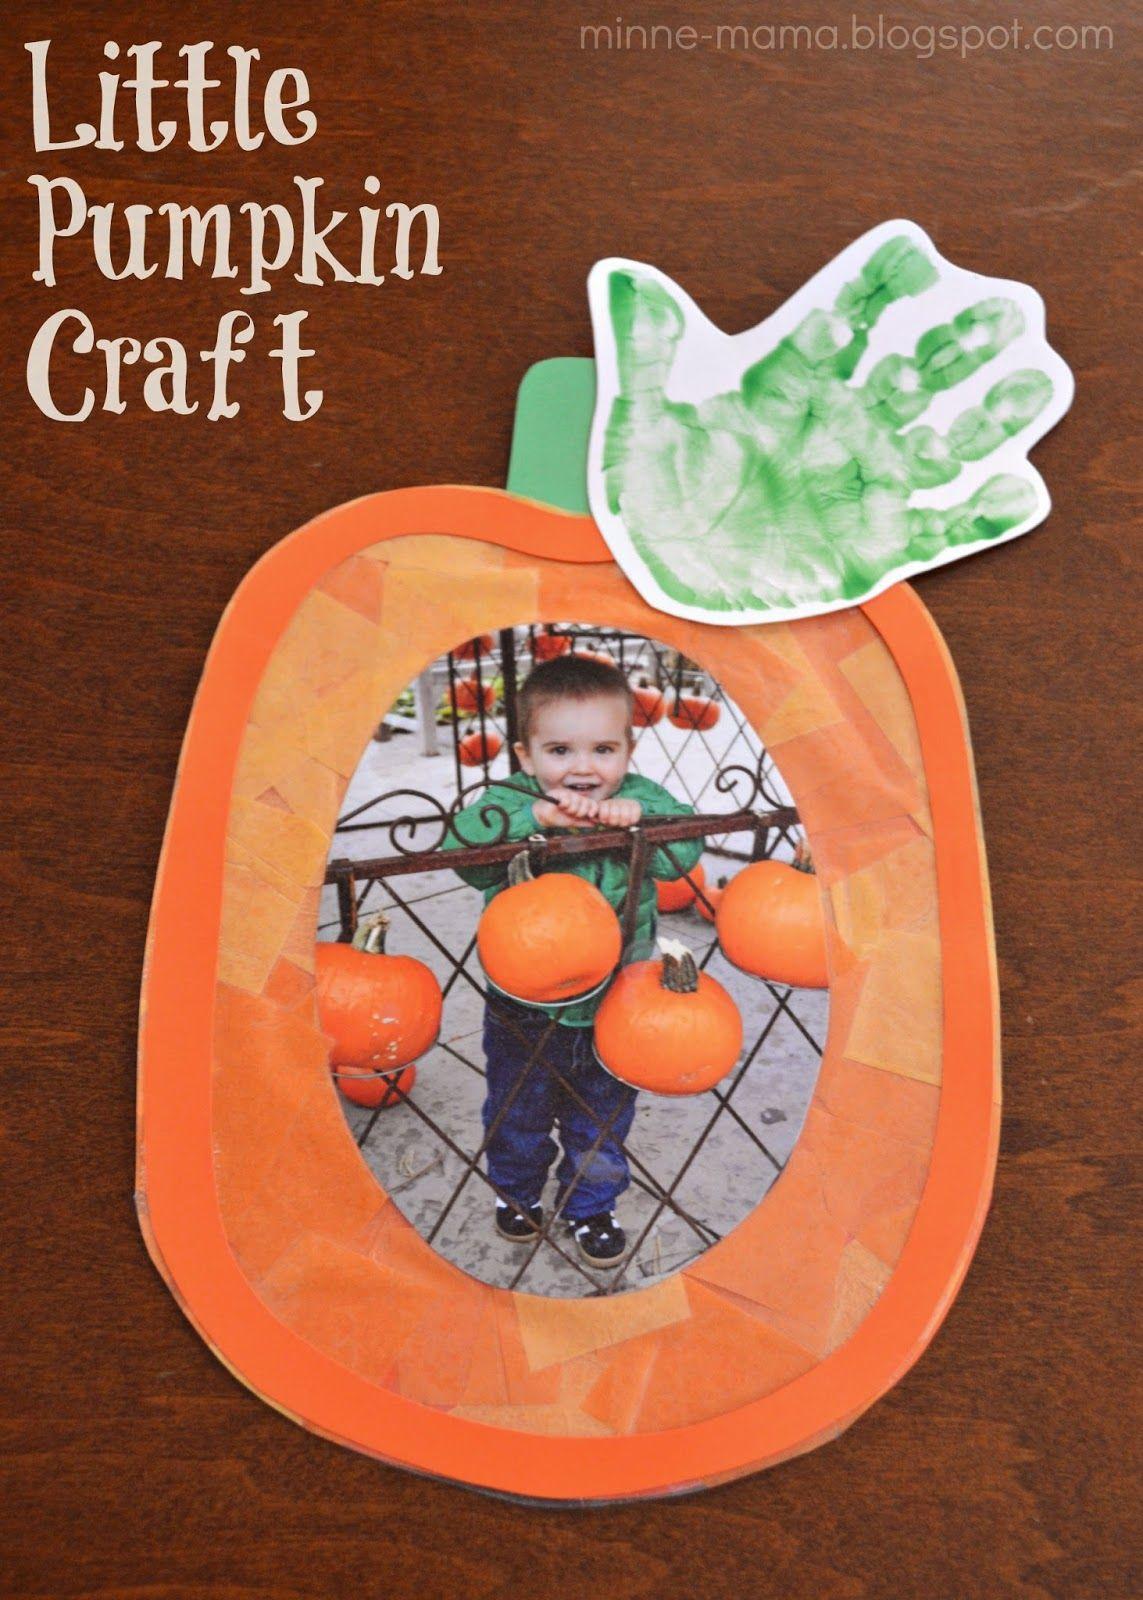 Little Pumpkin Craft